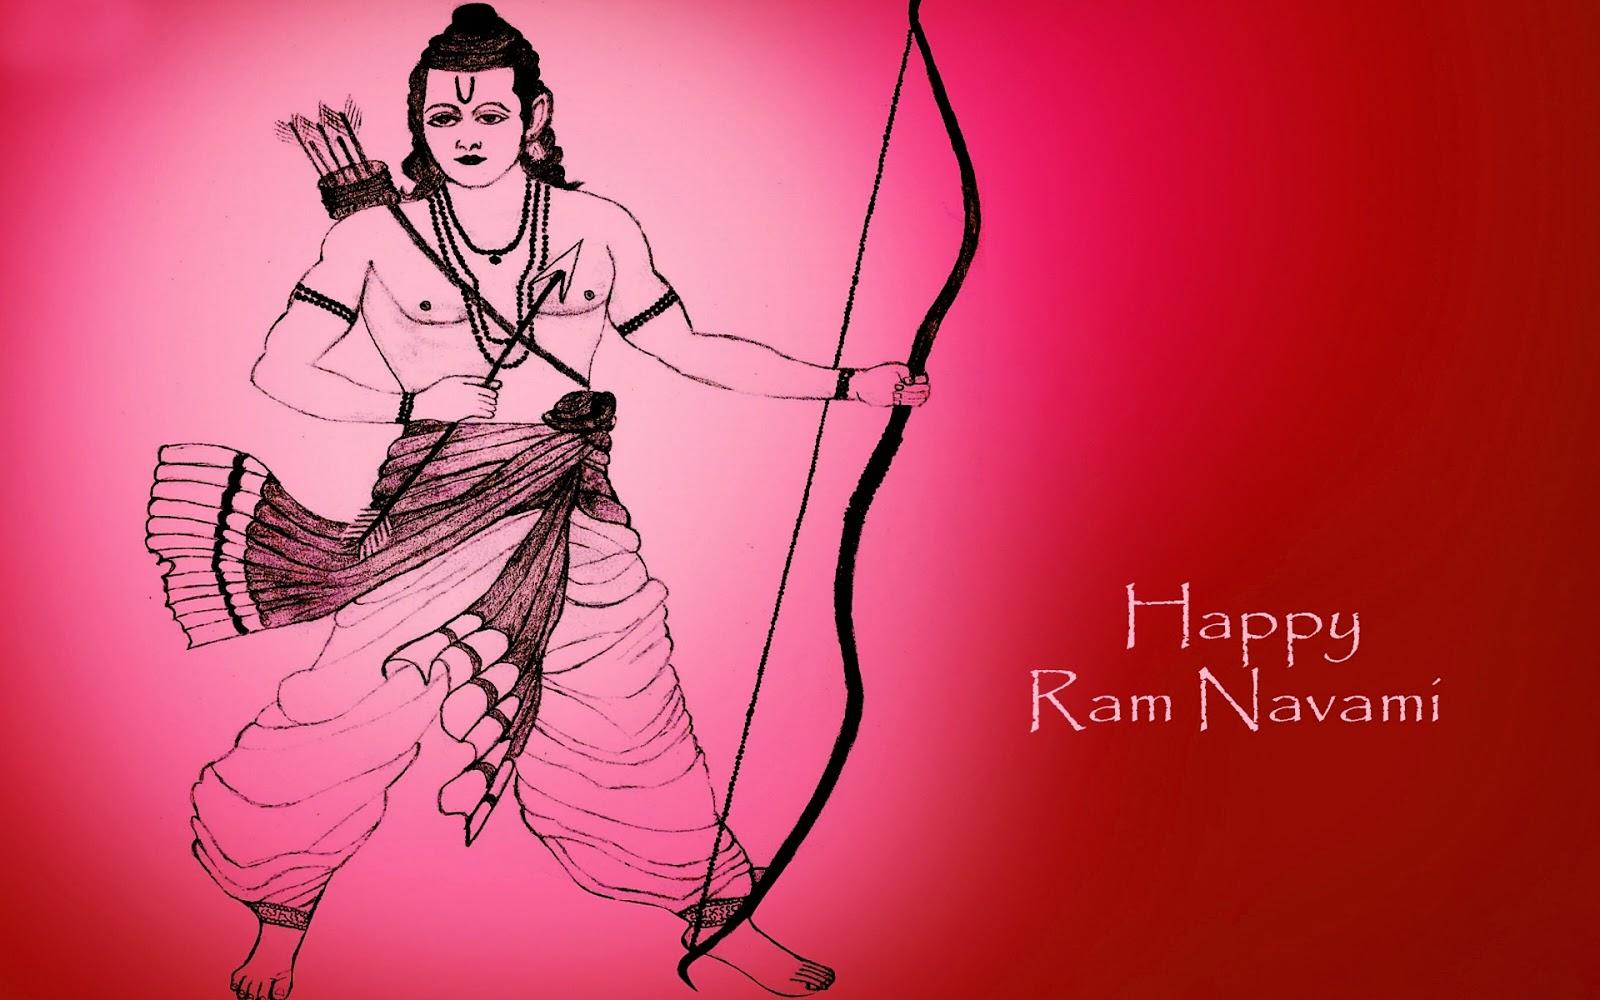 Hd wallpaper jai shri ram - Hd Wallpaper Jai Shri Ram 59